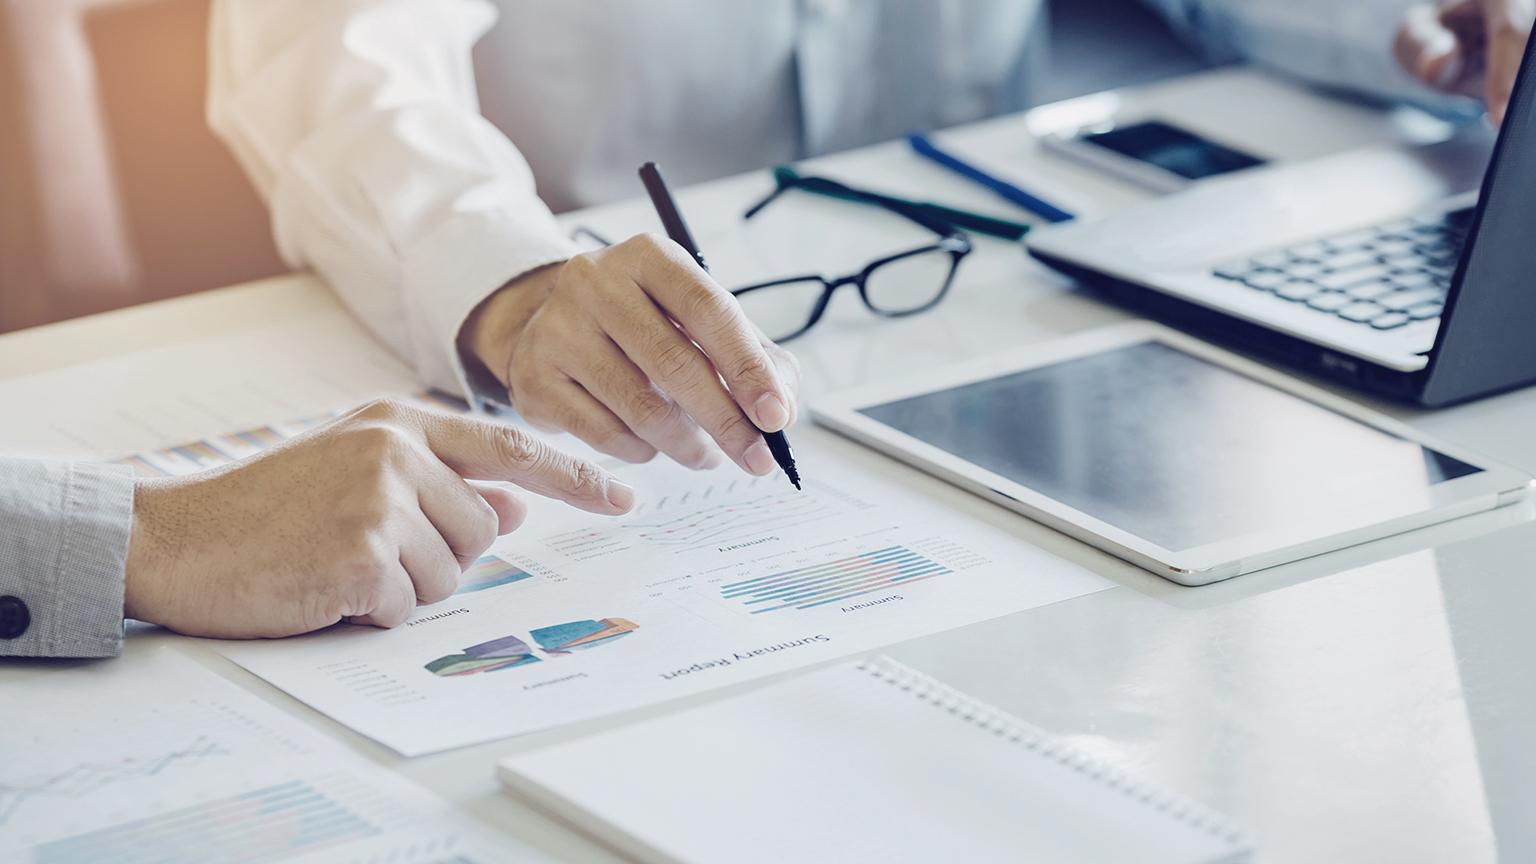 【ISID協賛】持続的な企業価値向上のために必要な統合経営管理ソリューションの活用とその実例のご紹介